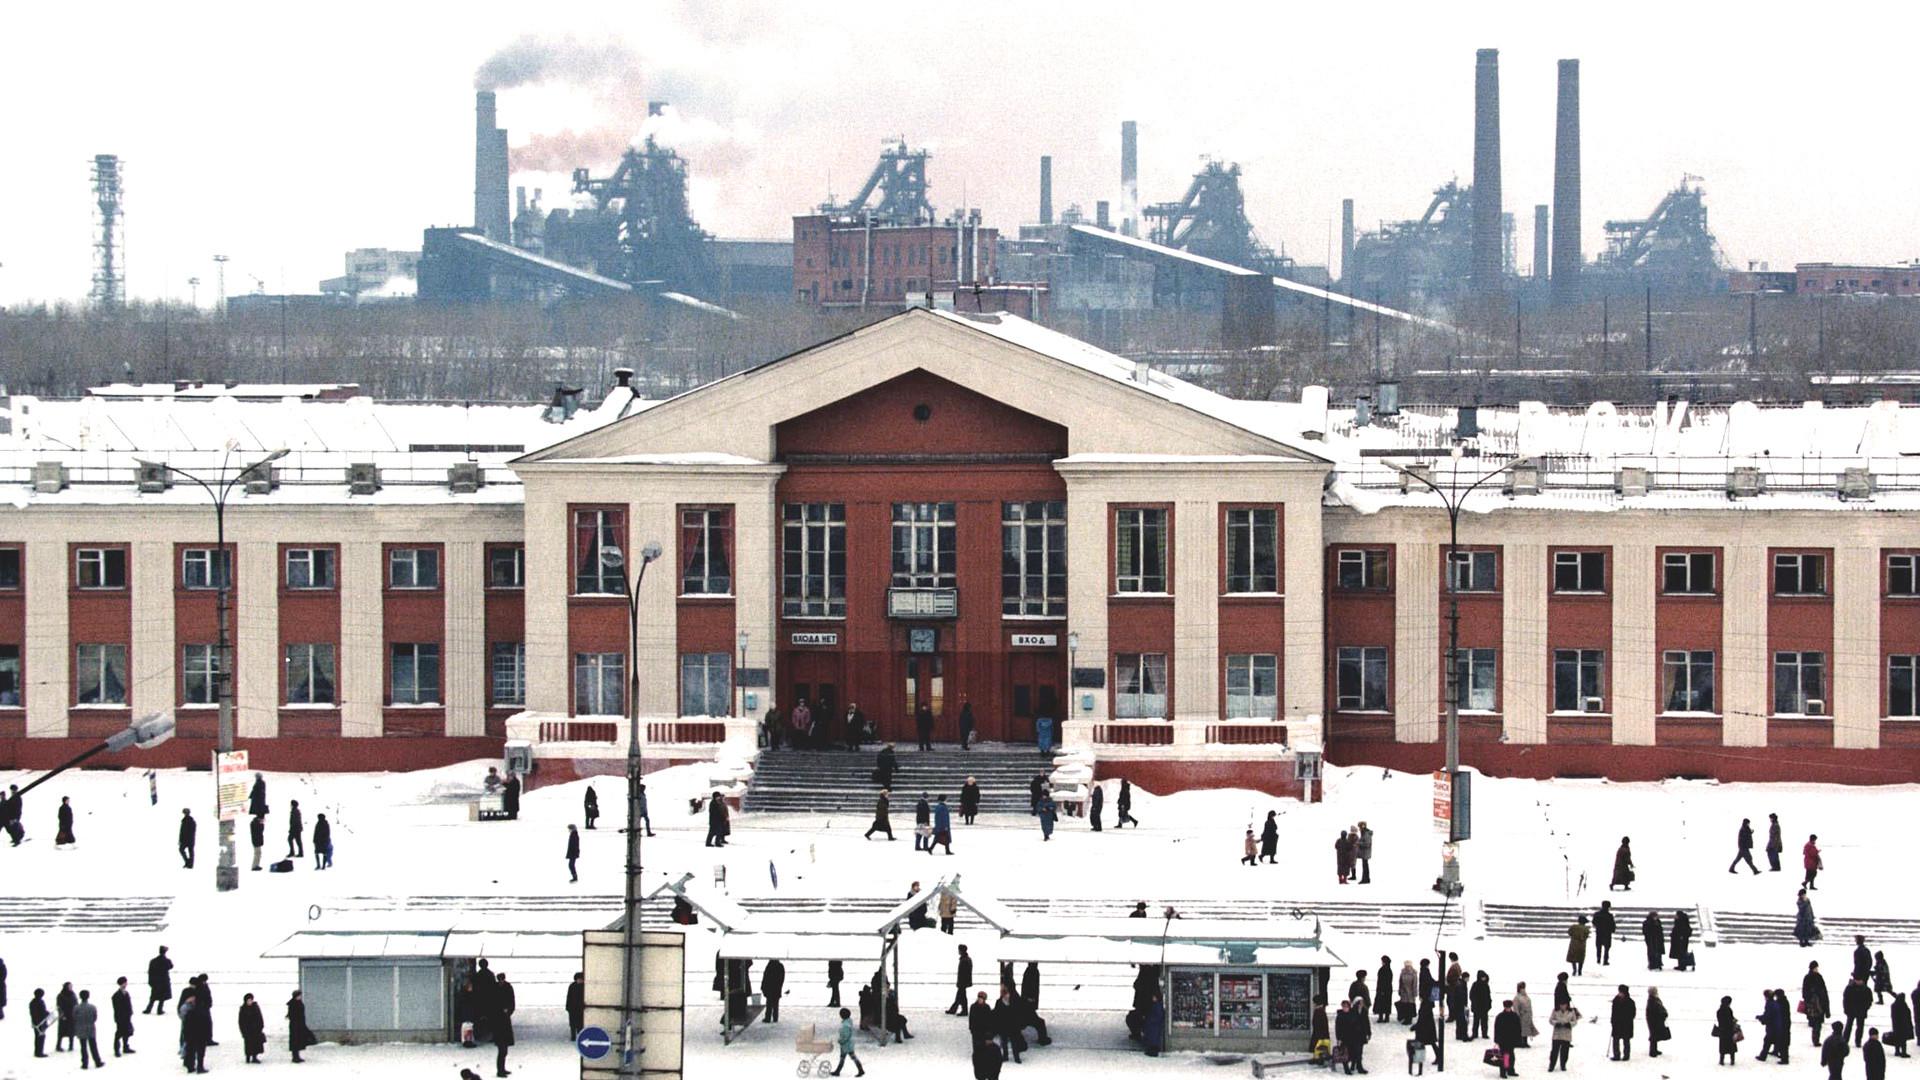 Железничка станица у Нижњем Тагилу, Свердсловска област.